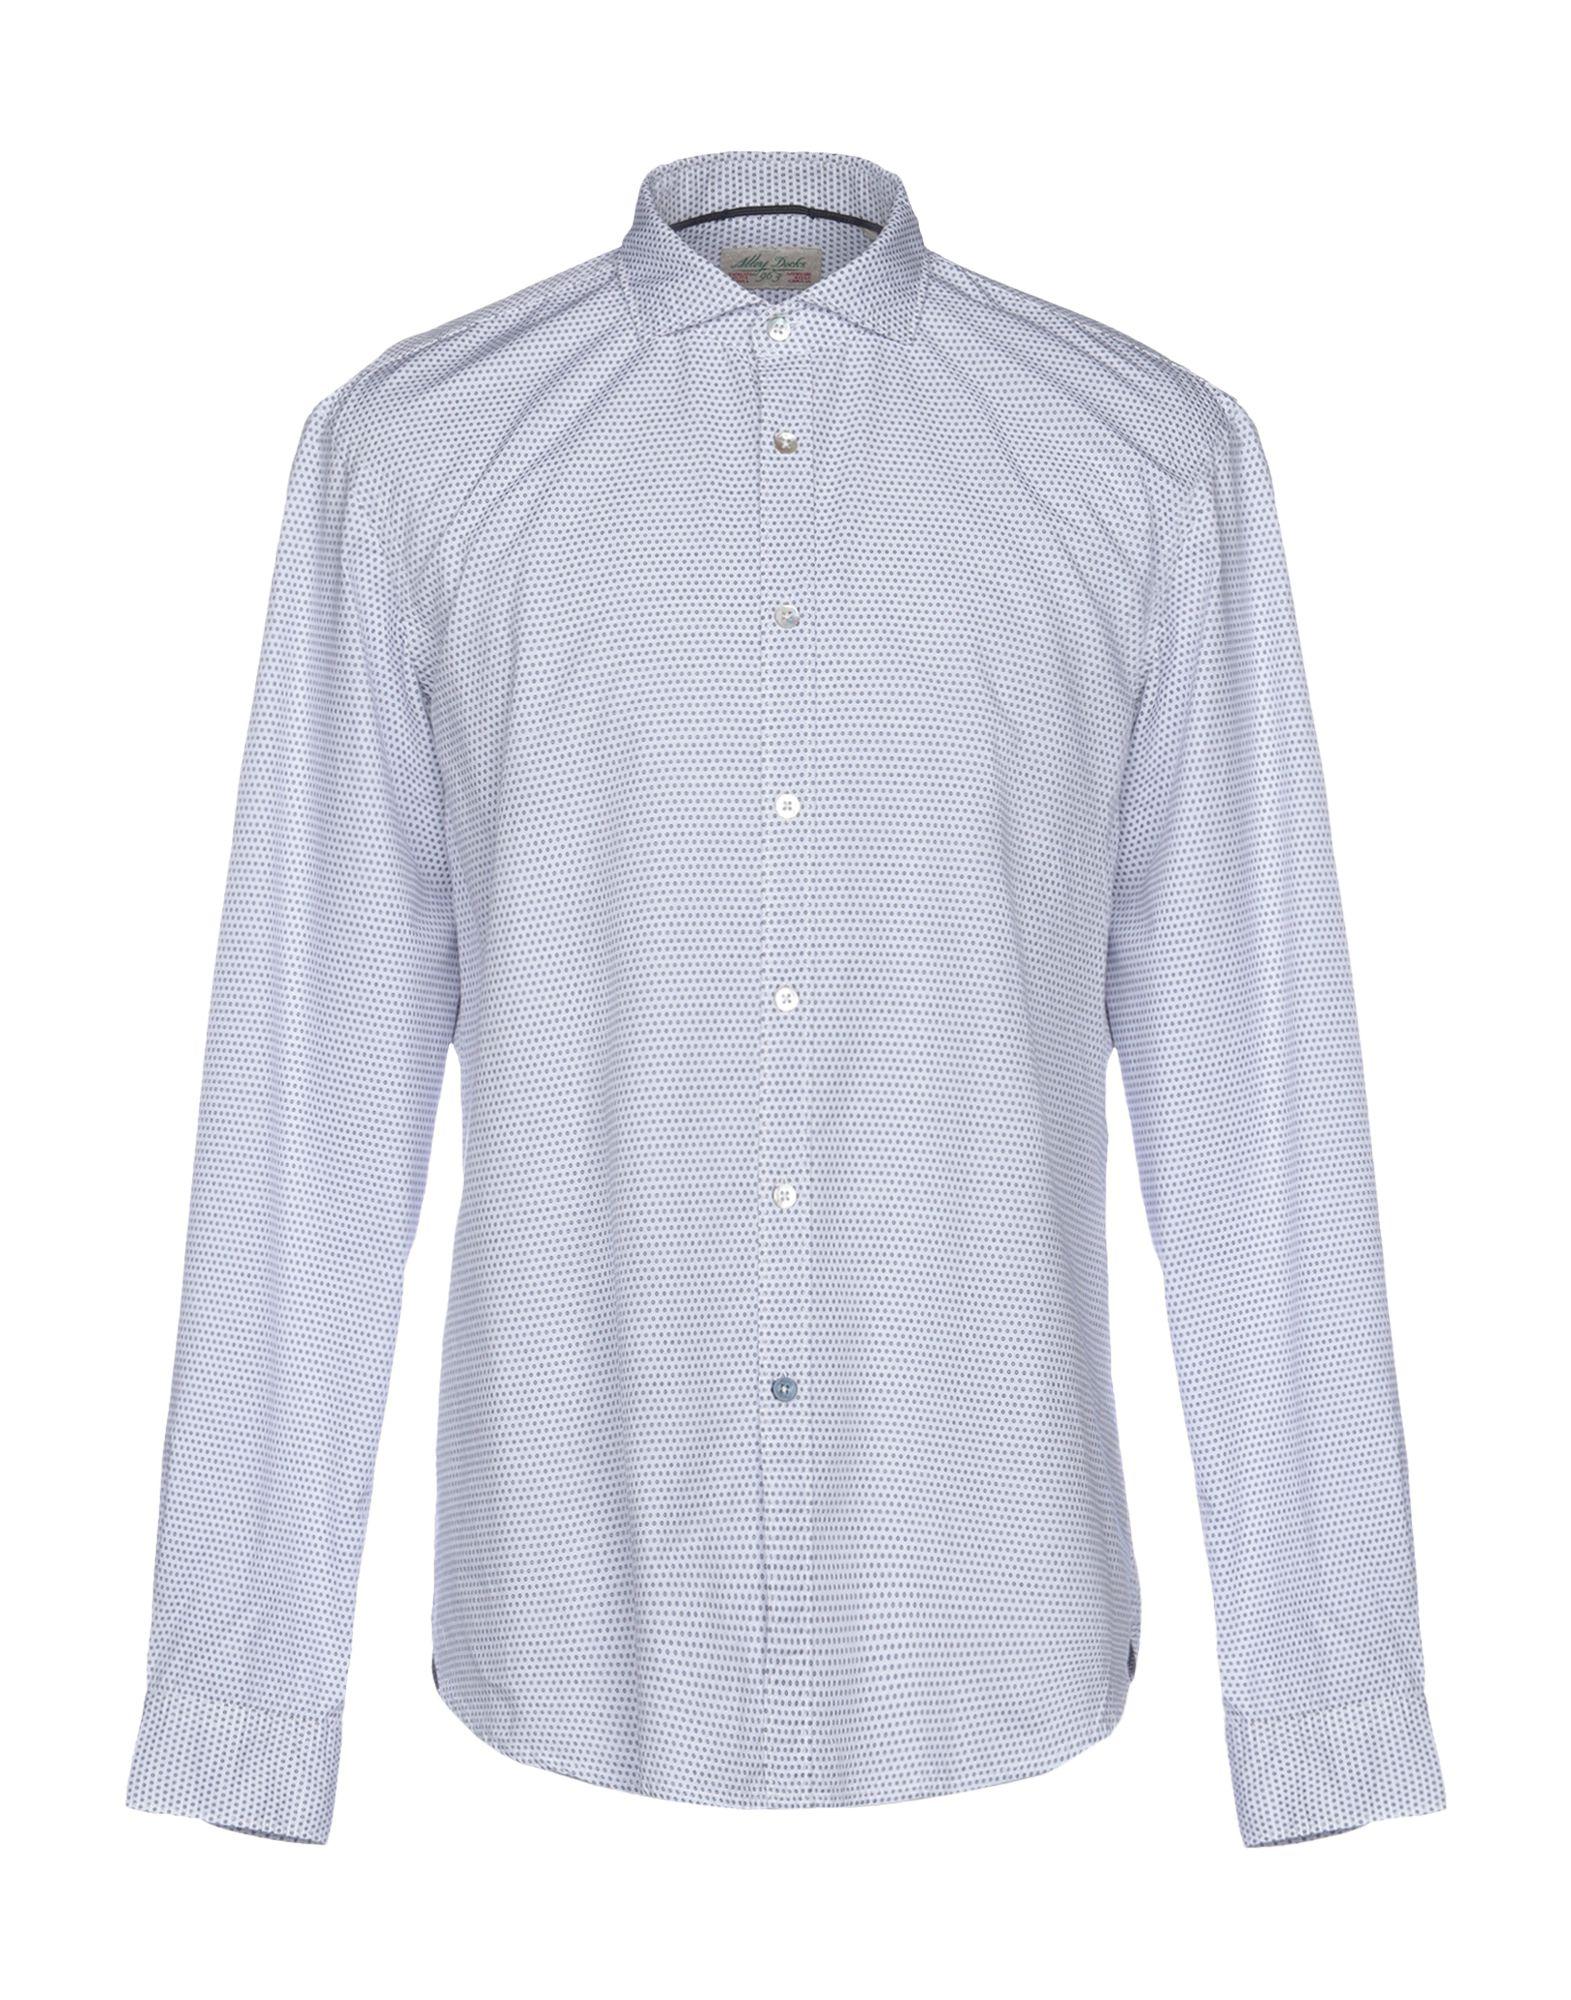 ALLEY DOCKS 963 Pубашка alley docks 963 джинсовая рубашка